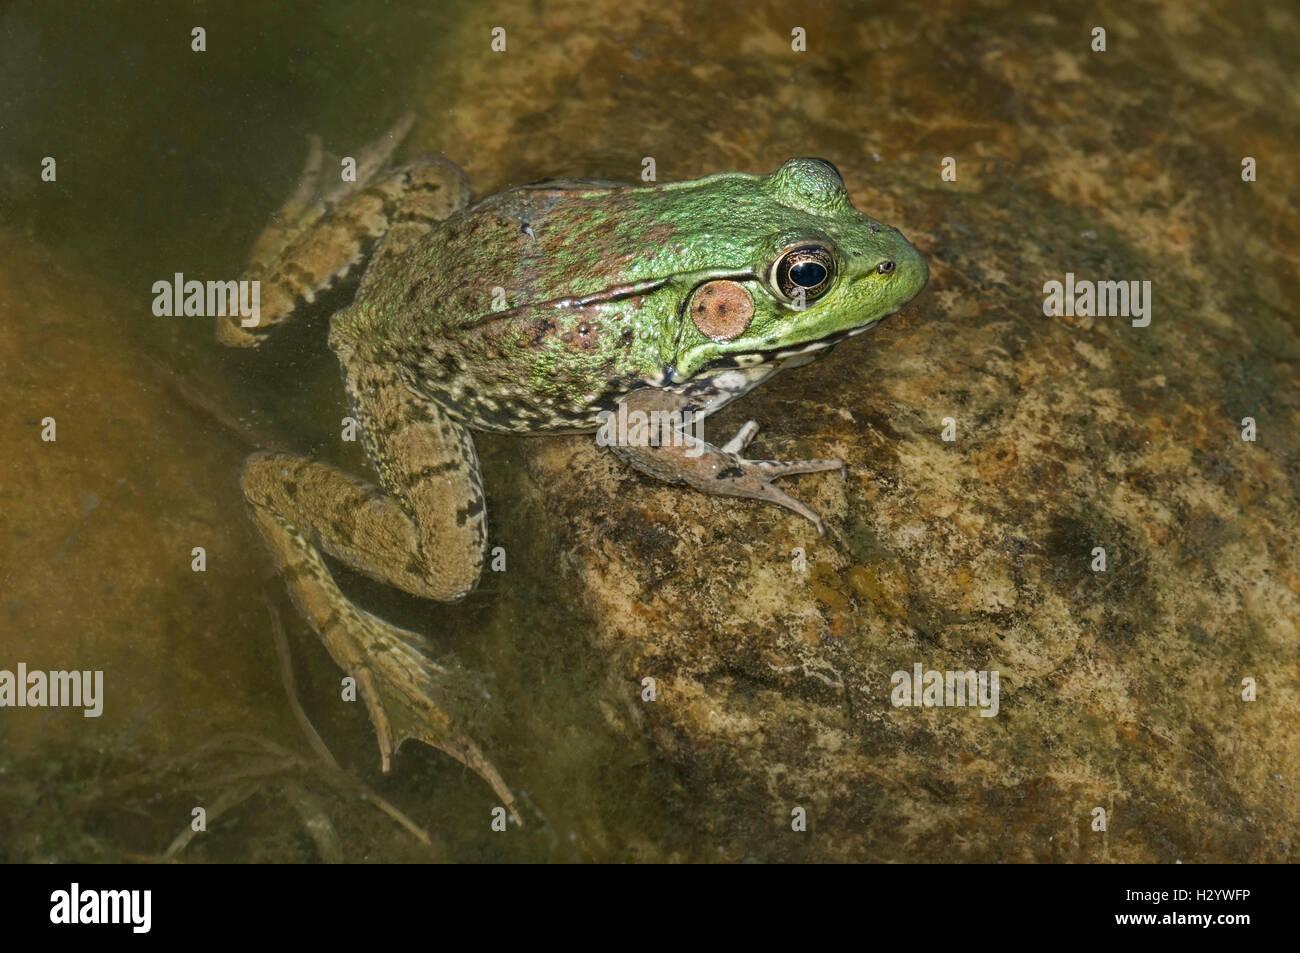 Green Frog (Rana clamitans), Pond, E USA by Skip Moody / Dembinsky Photo Associates - Stock Image